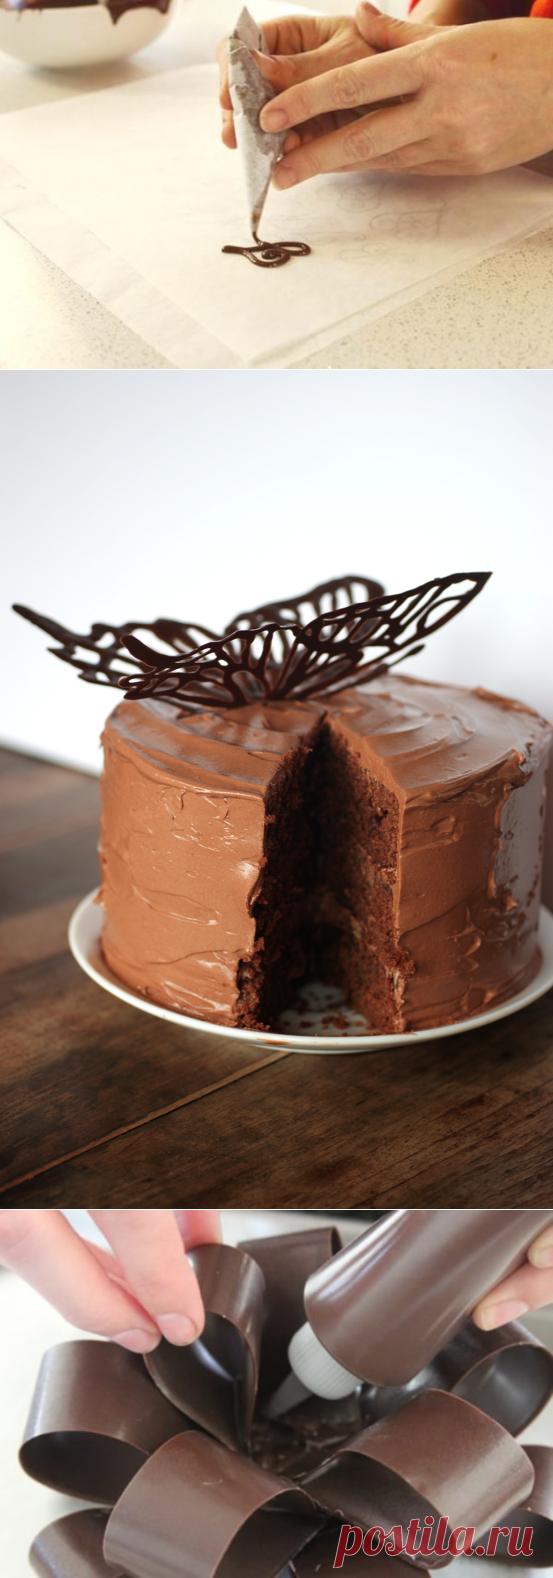 узоры шоколадом на торте пошаговые фото породистый